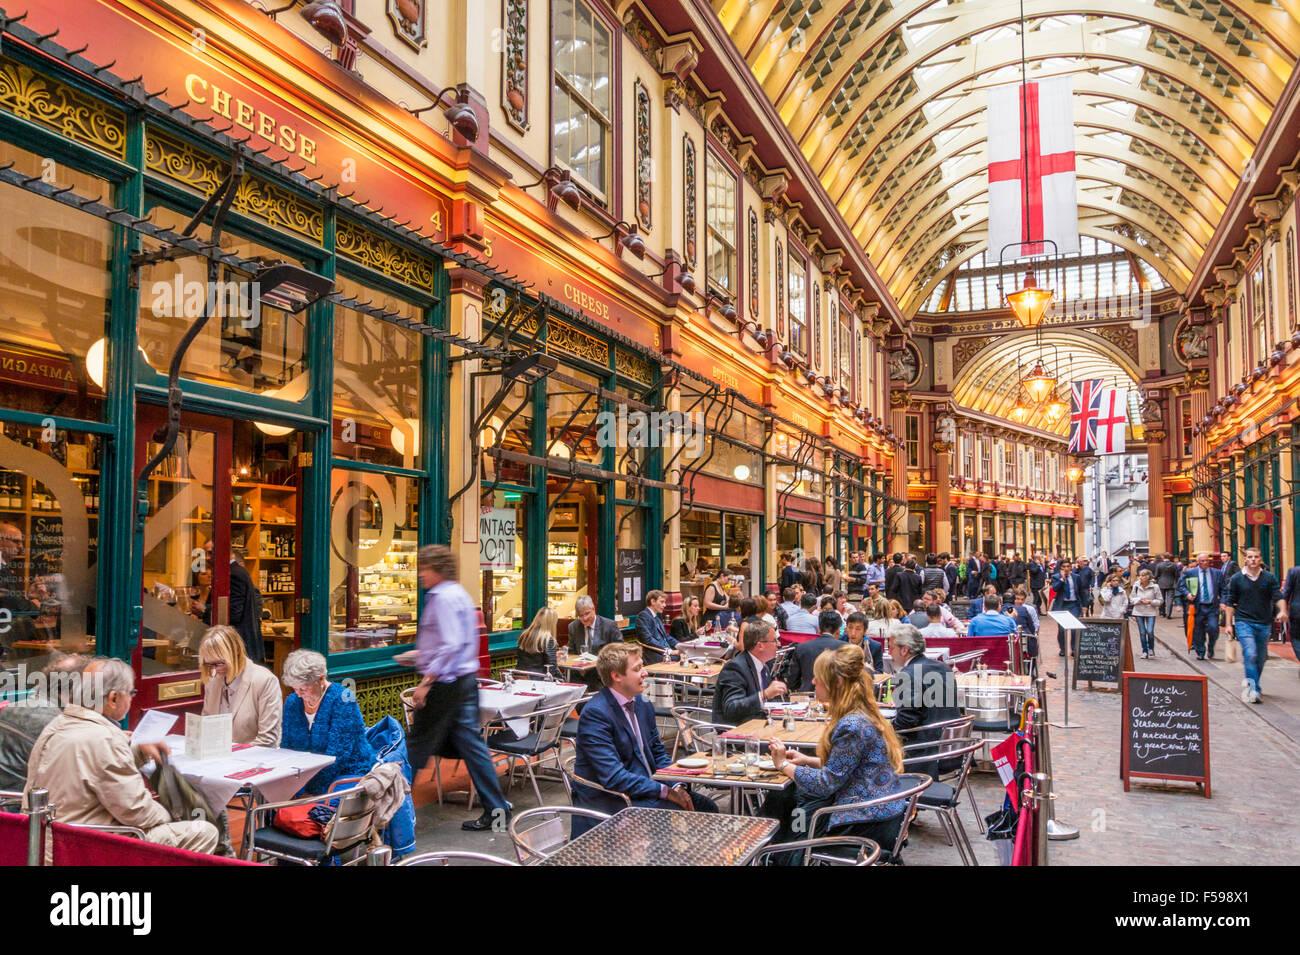 Los trabajadores de la ciudad de Londres de comer y beber después de trabajar en el mercado Leadenhall Ciudad Imagen De Stock